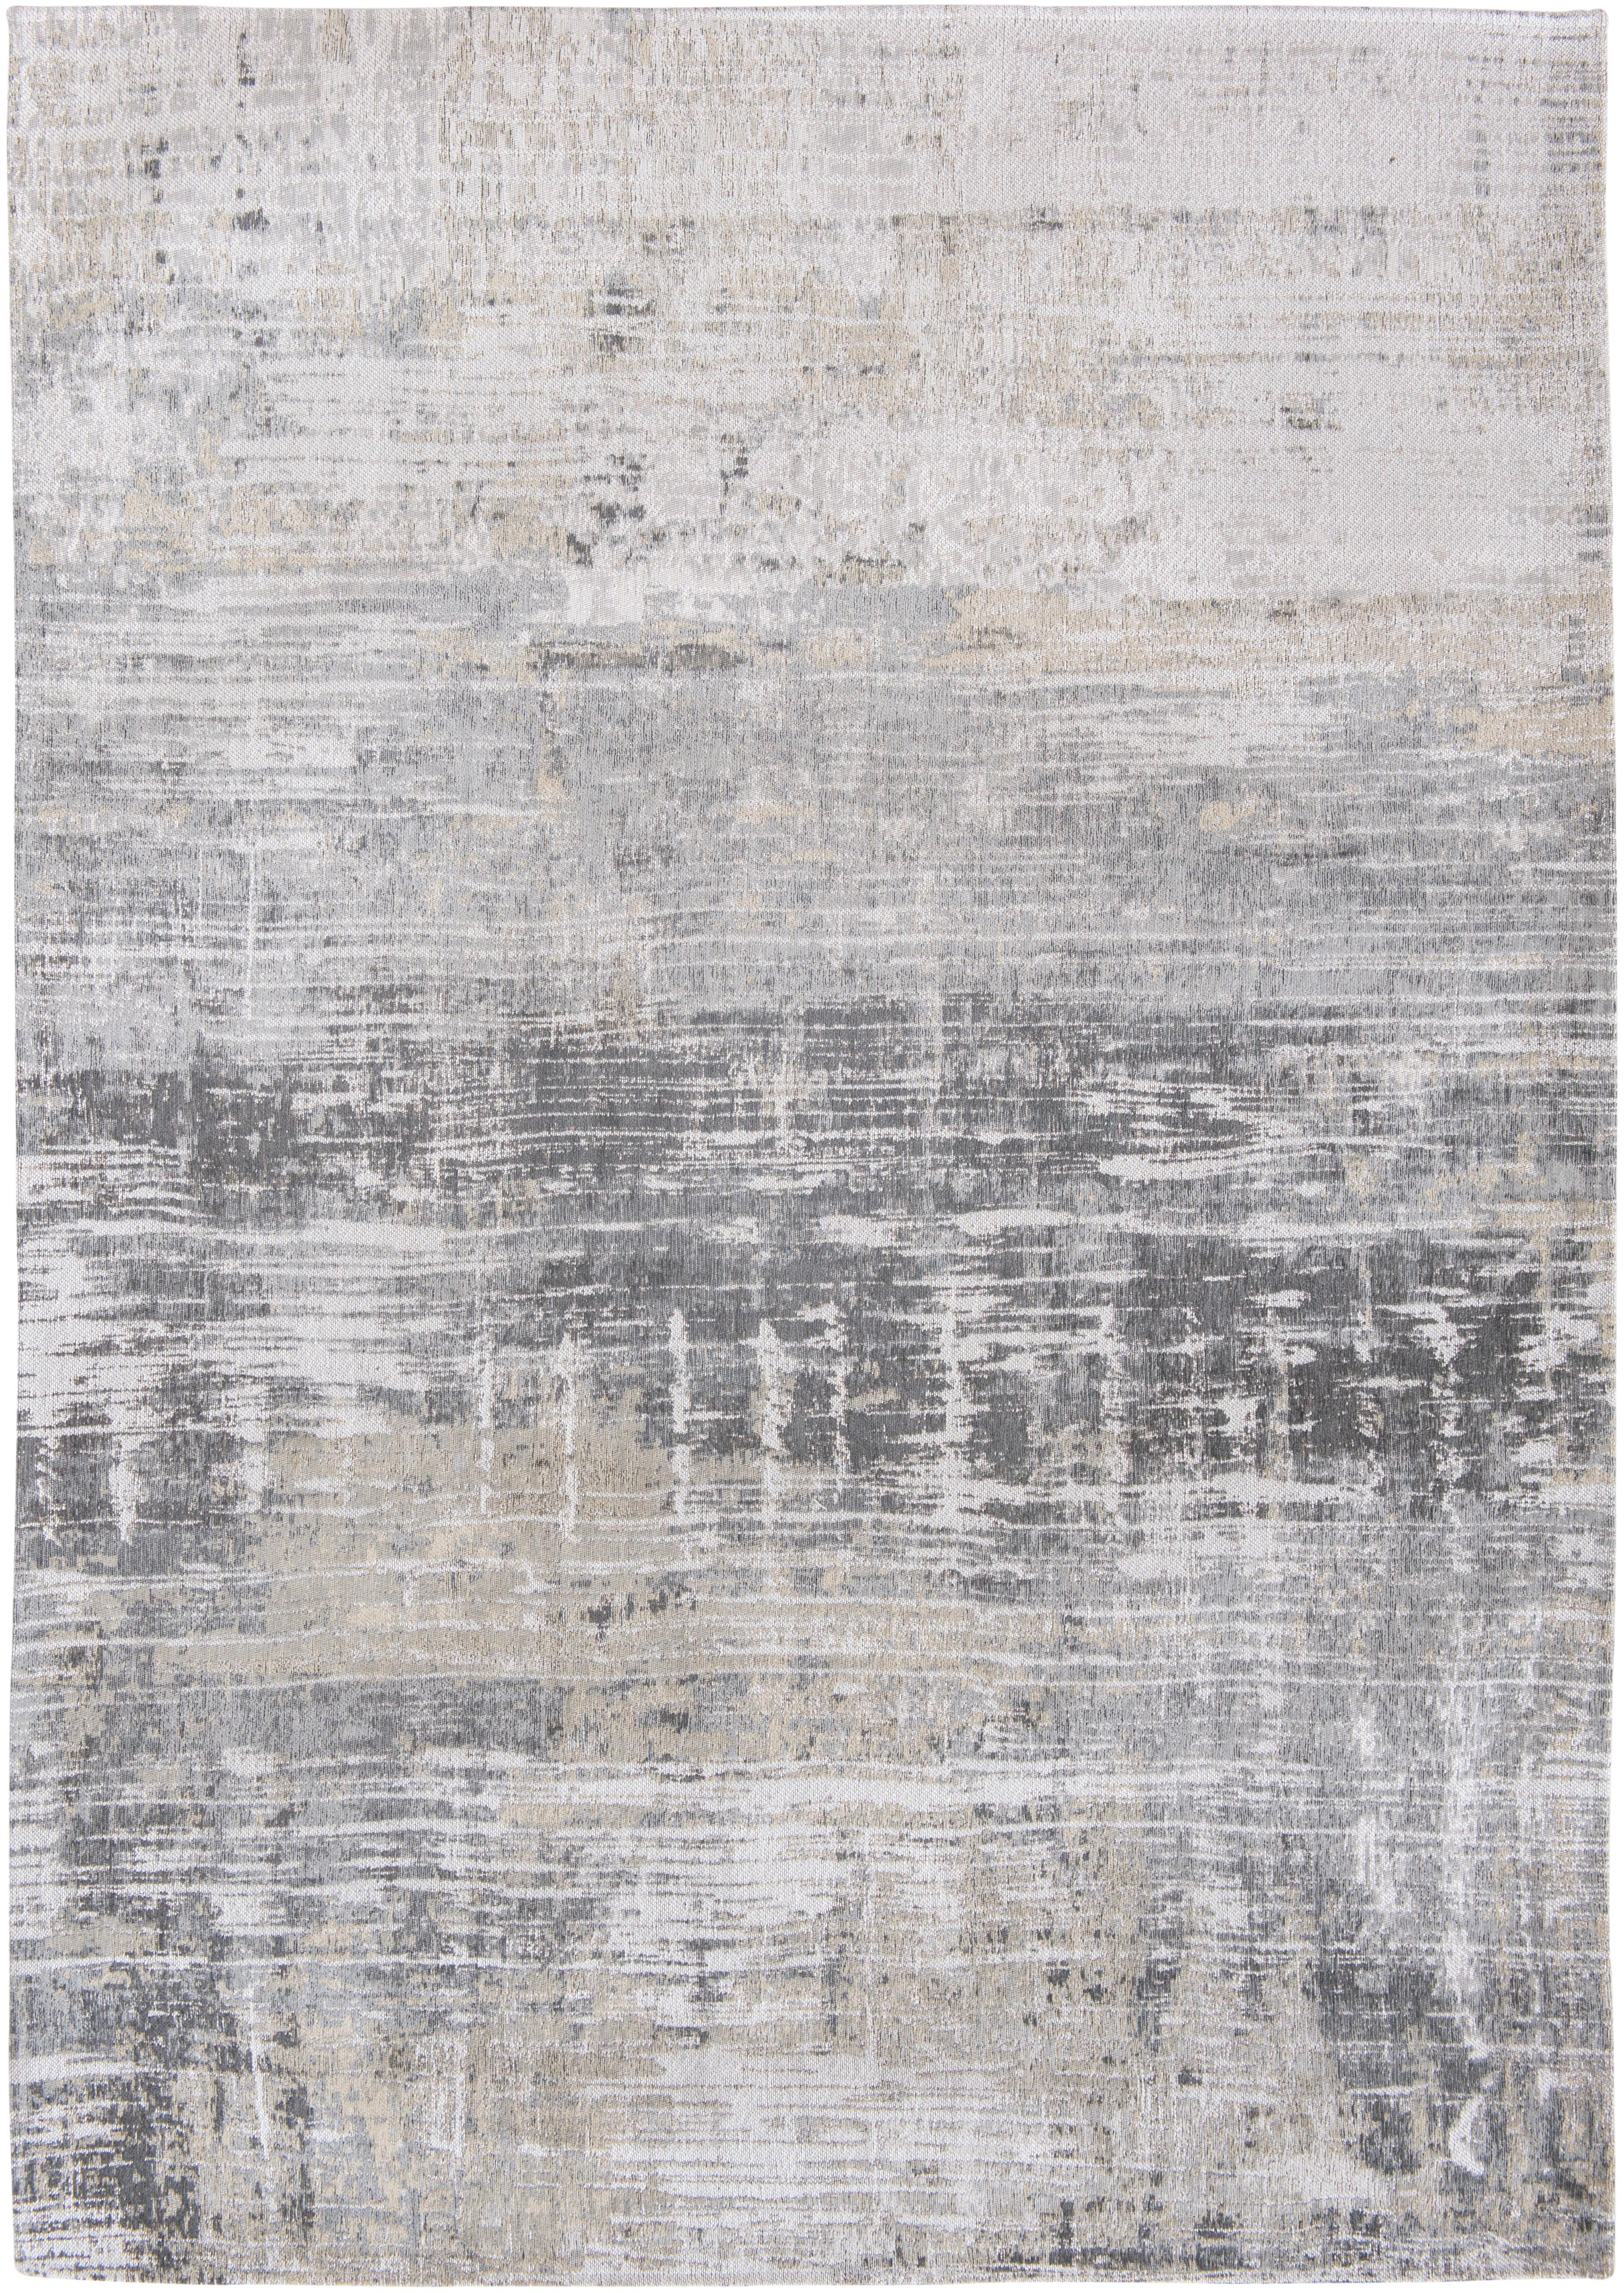 Design vloerkleed Streaks in grijs, Bovenzijde: 85%katoen, 15%hoogglanz, Weeftechniek: jacquard, Onderzijde: katoenmix, gecoat met lat, Grijstinten, 170 x 240 cm